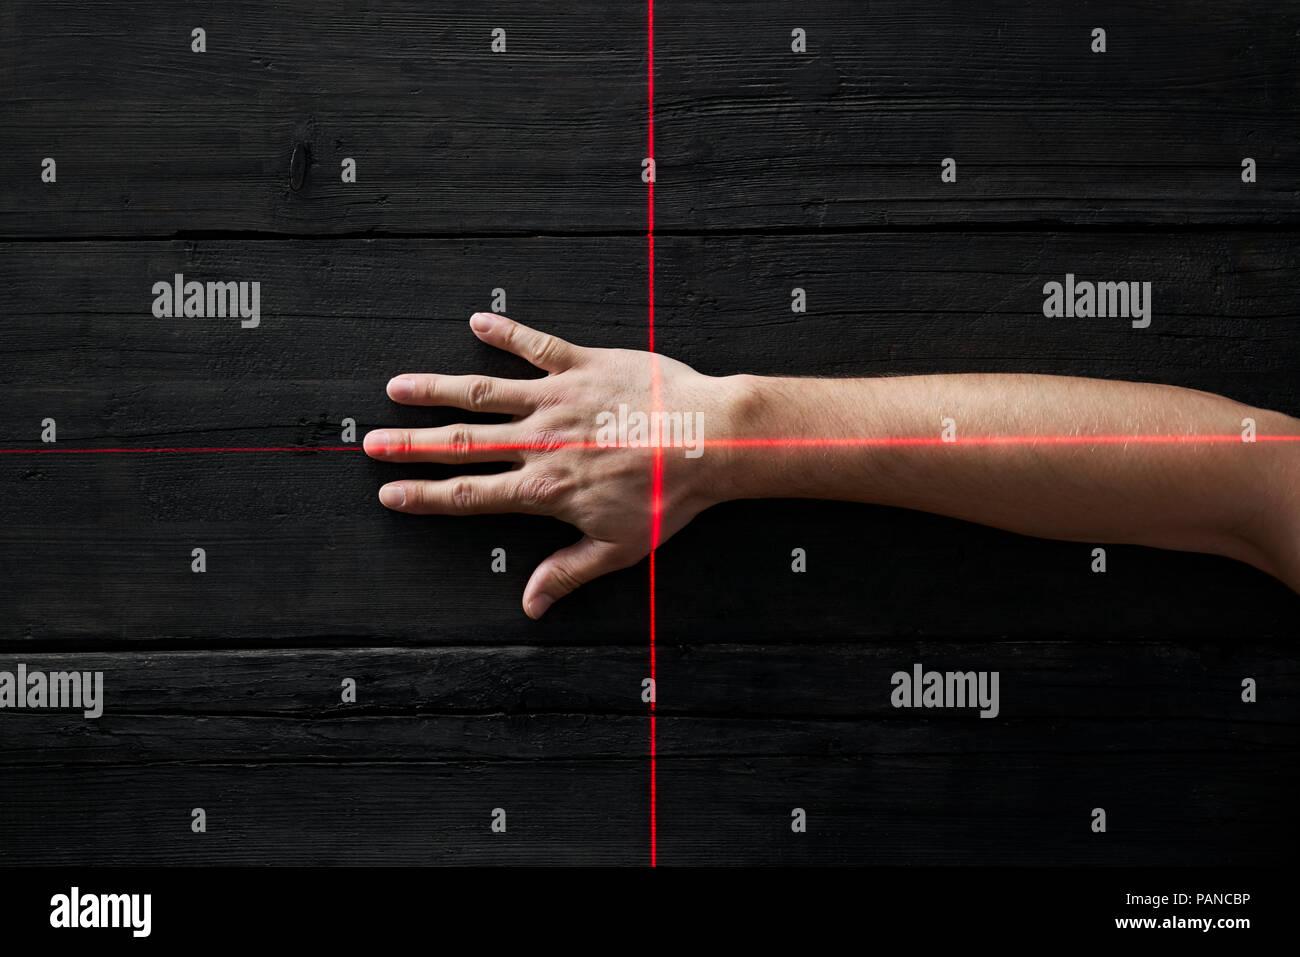 La main de l'obtention de son analyse par rayons de lumière rouge Photo Stock